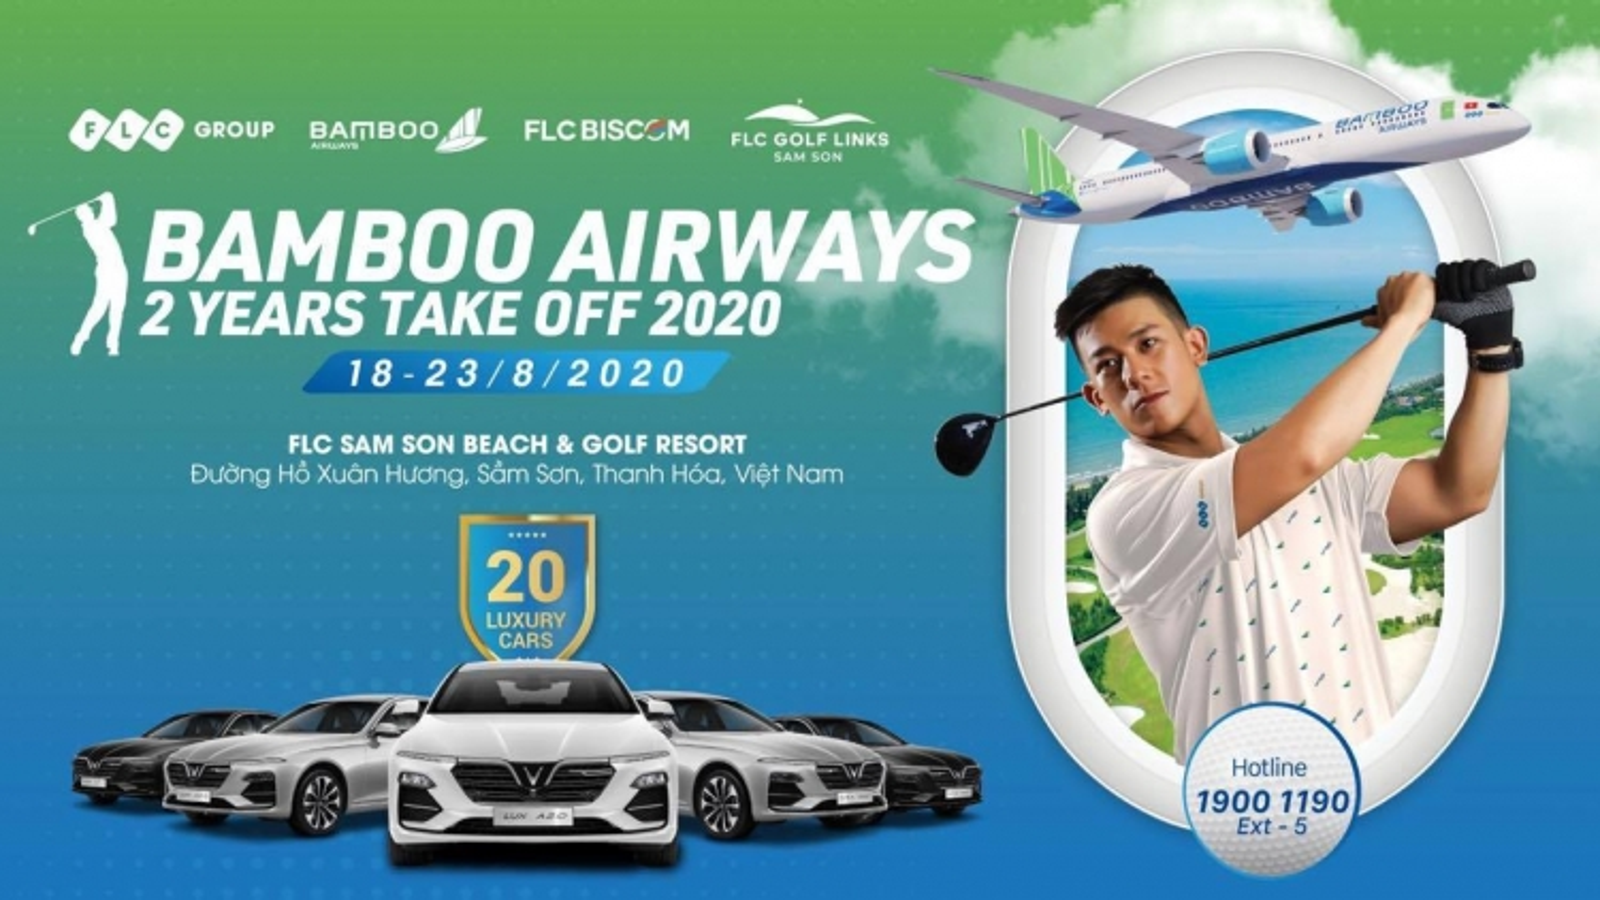 Giật xế sang chỉ với Eagle ở hố bí ẩn tại Bamboo Airways 2 Years Take Off 2020